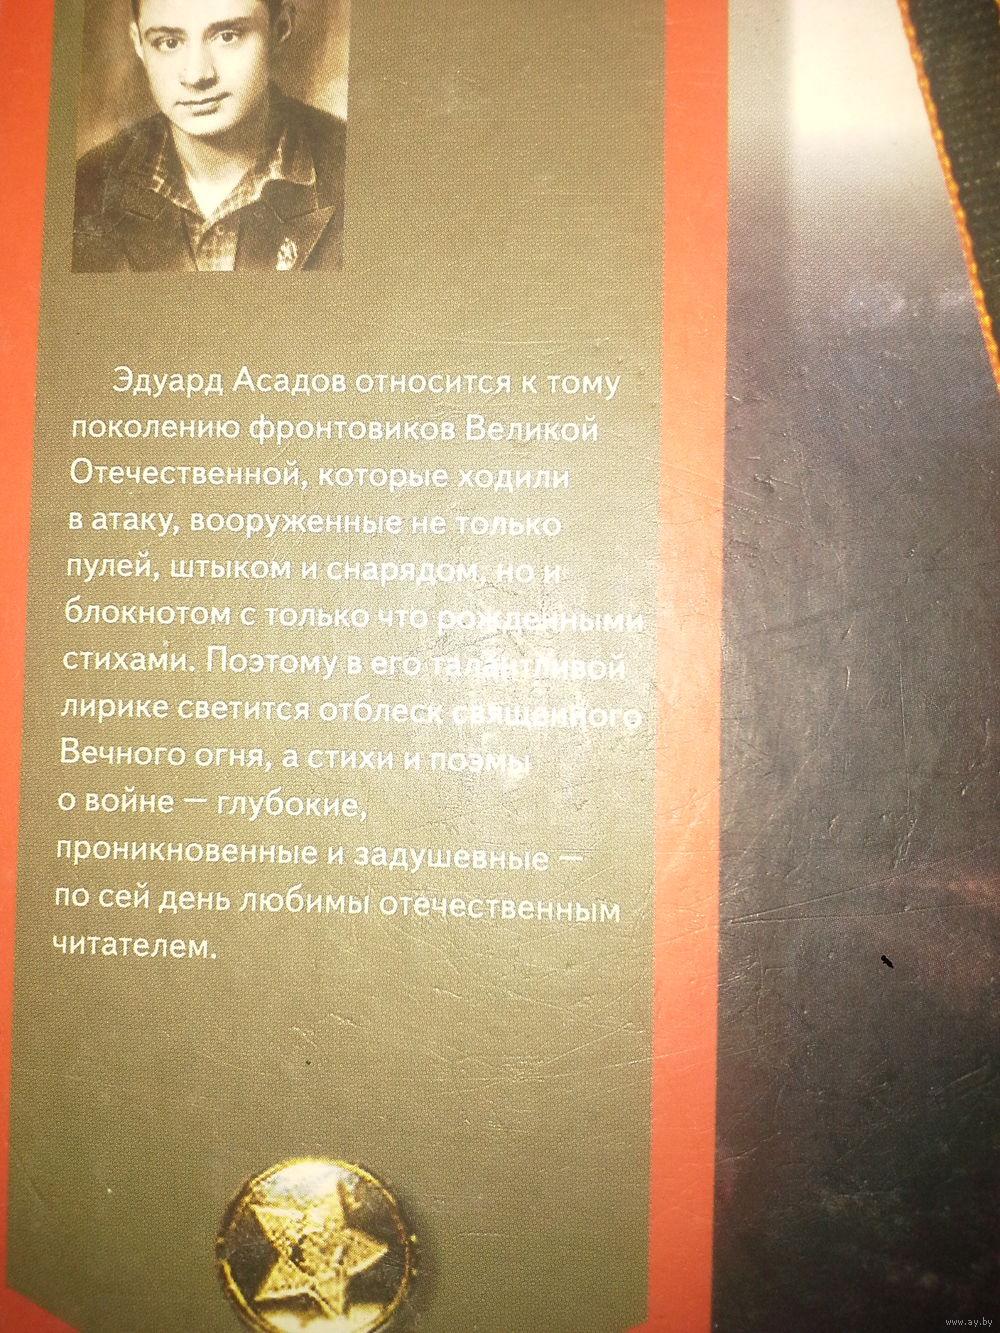 Стих о войне эдуарда асадова